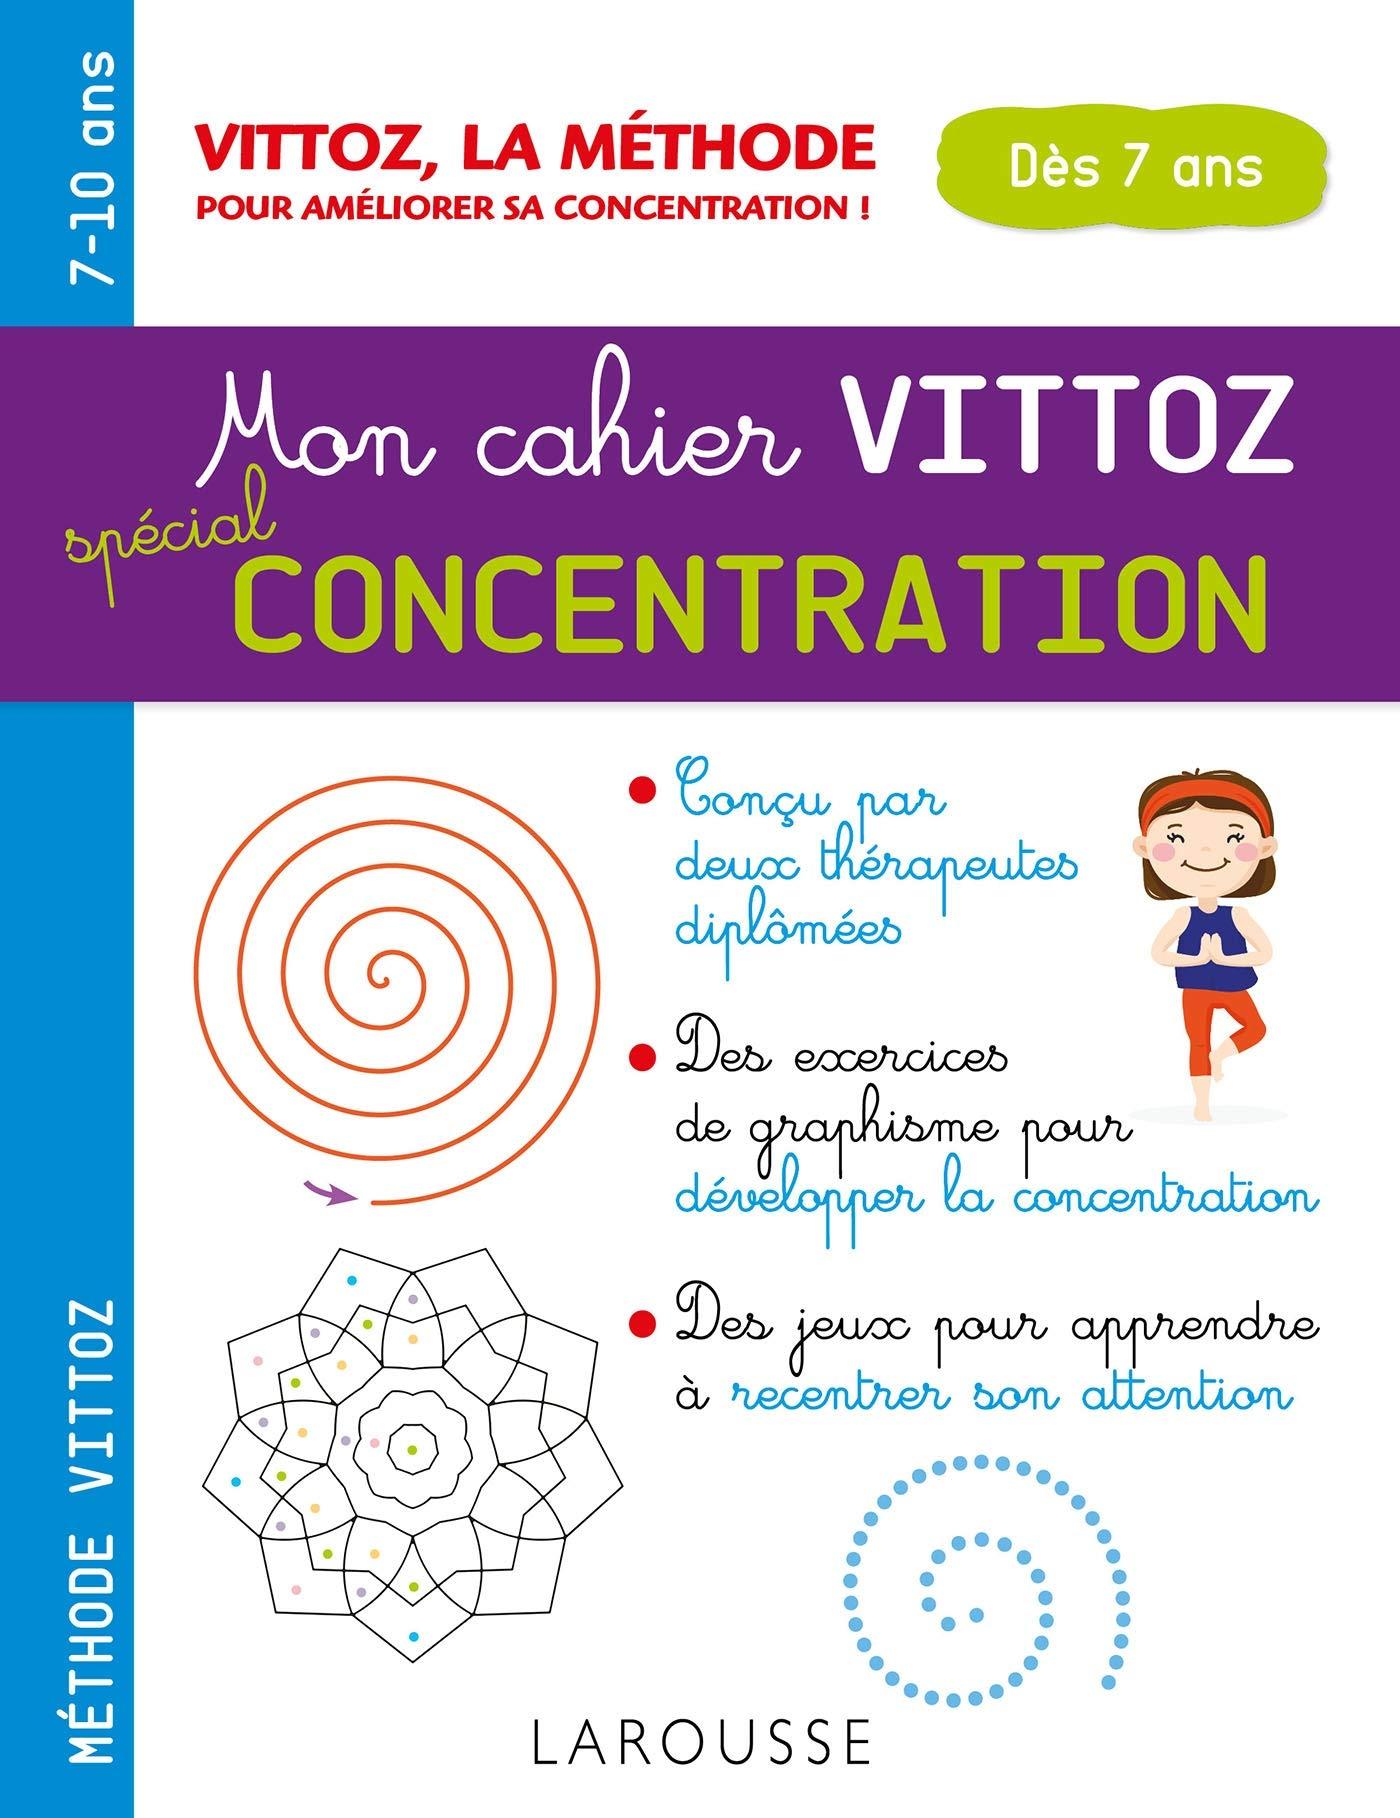 Mon cahier Vittoz, spécial concentration : des exercices pour apprendre à se concentrer (7 ans et +)